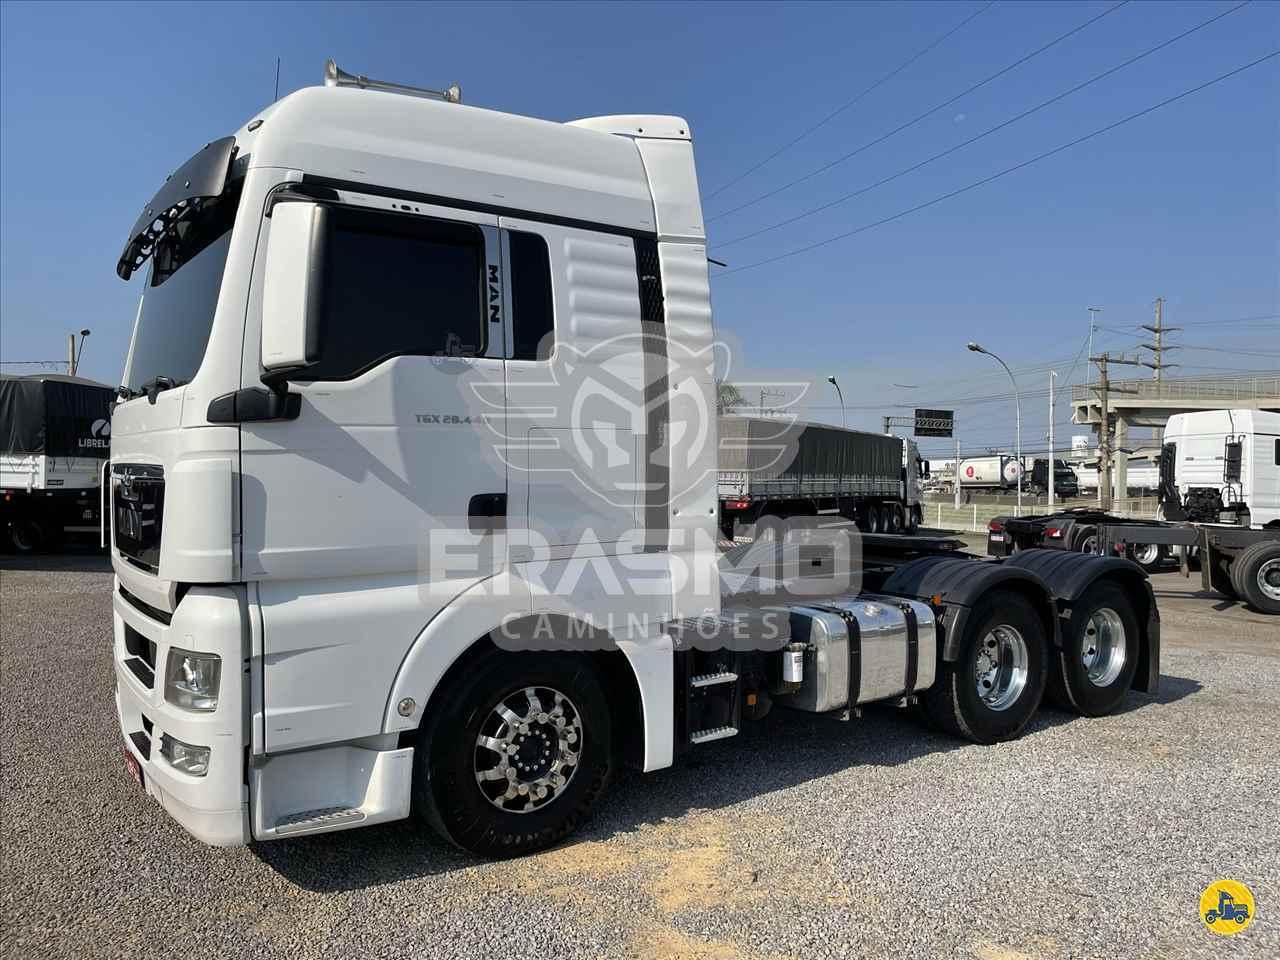 TGX 28 440 de Erasmo Caminhões - TUBARAO/SC